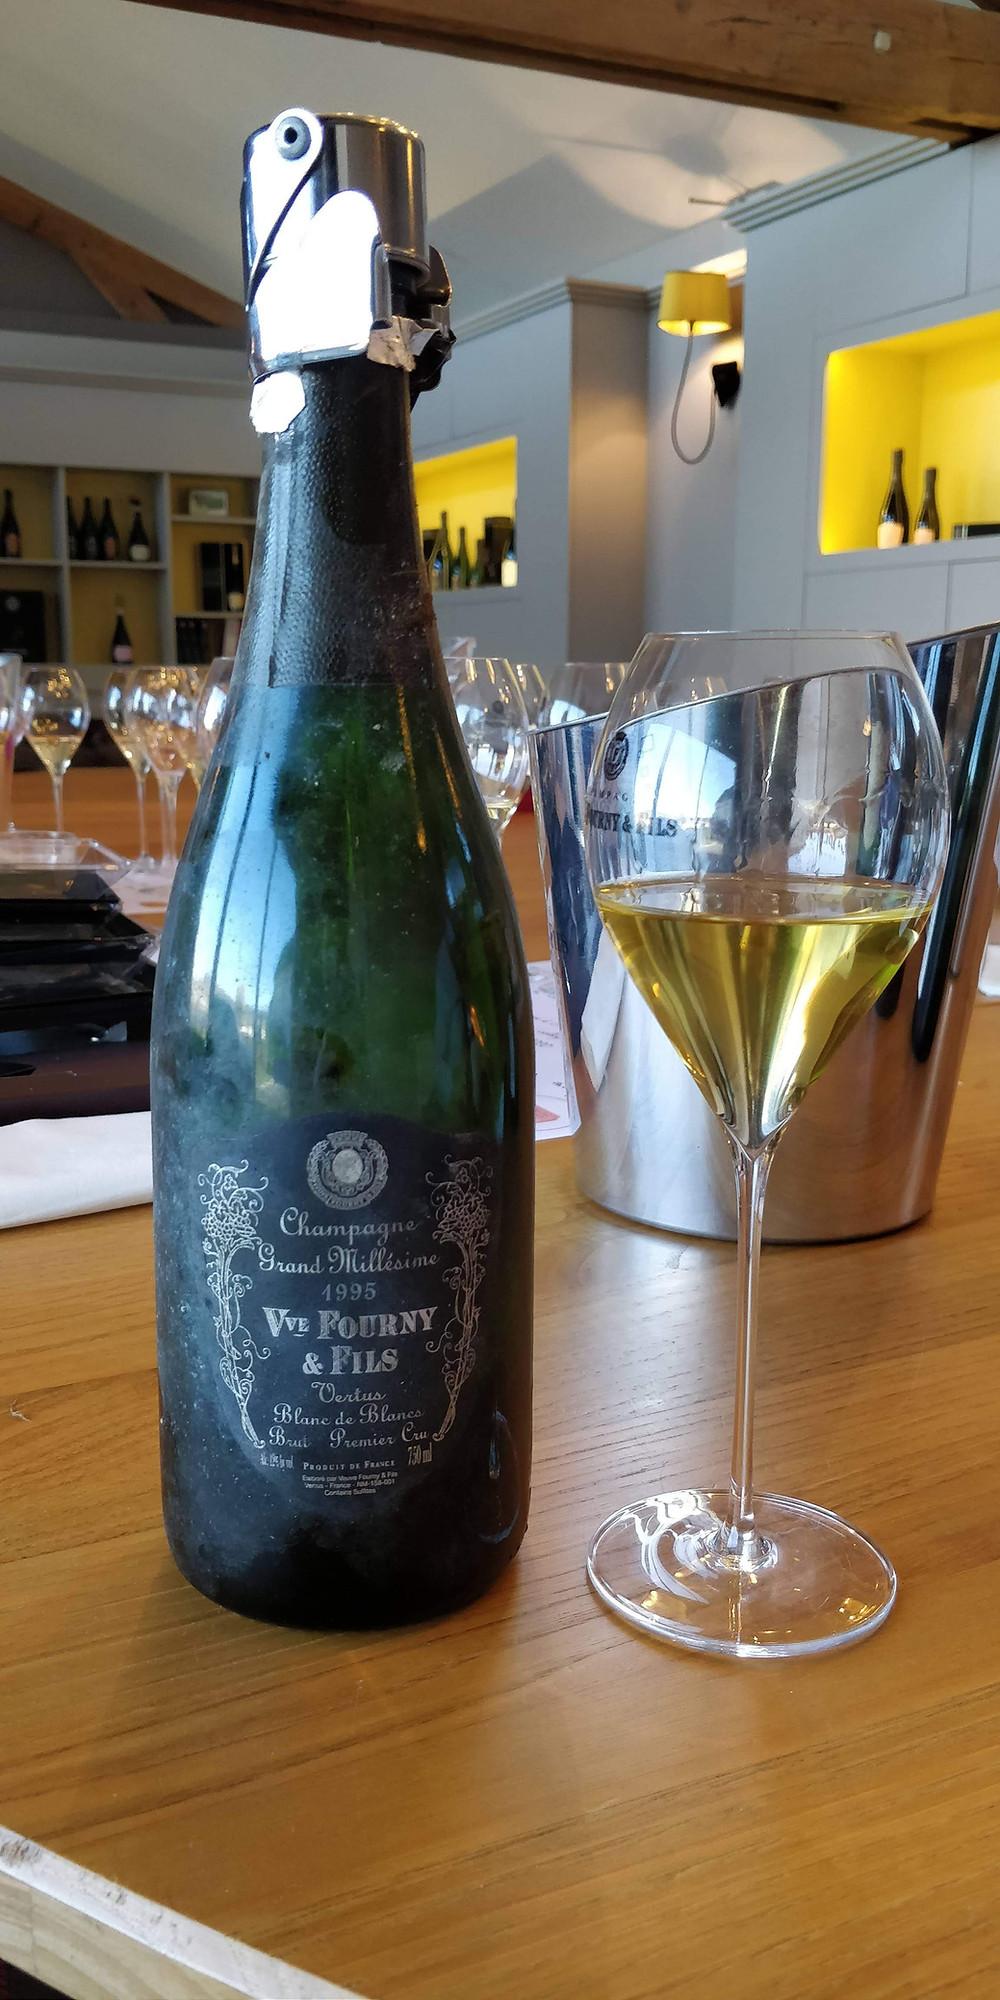 Bouteille de champagne posée sur la table avec un verre rempli